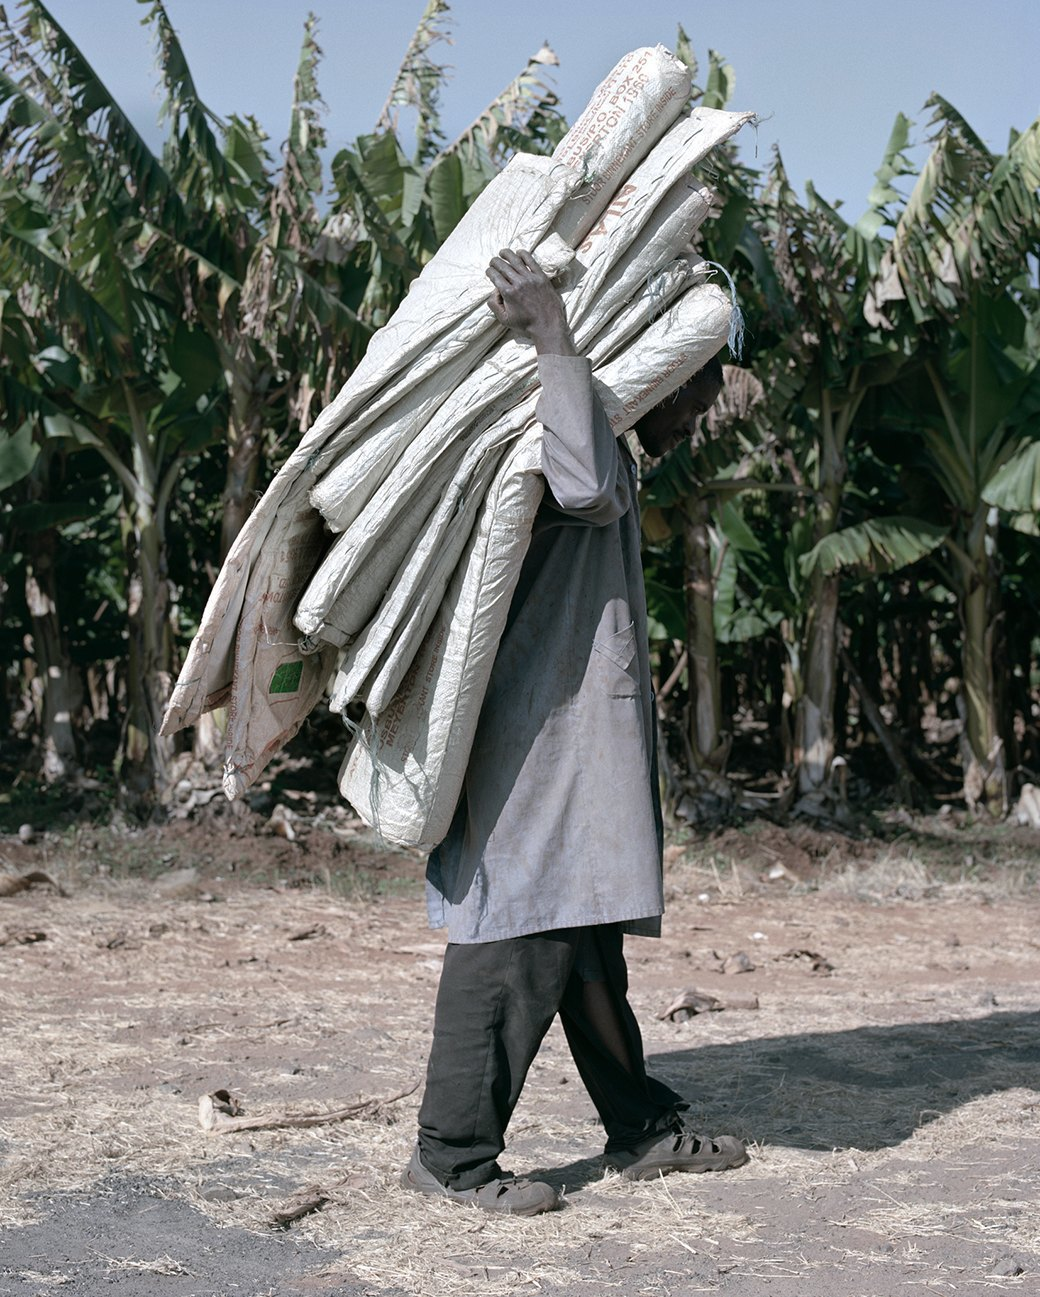 «Местность»: Обезличенный труд африканских крестьян. Изображение № 11.